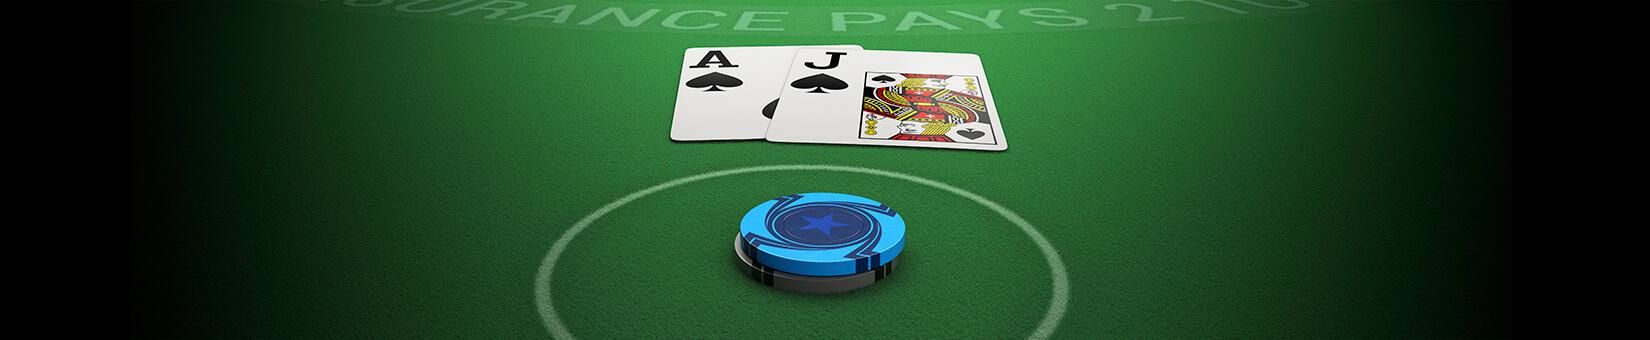 скачать торрент игры агент 007 казино рояль